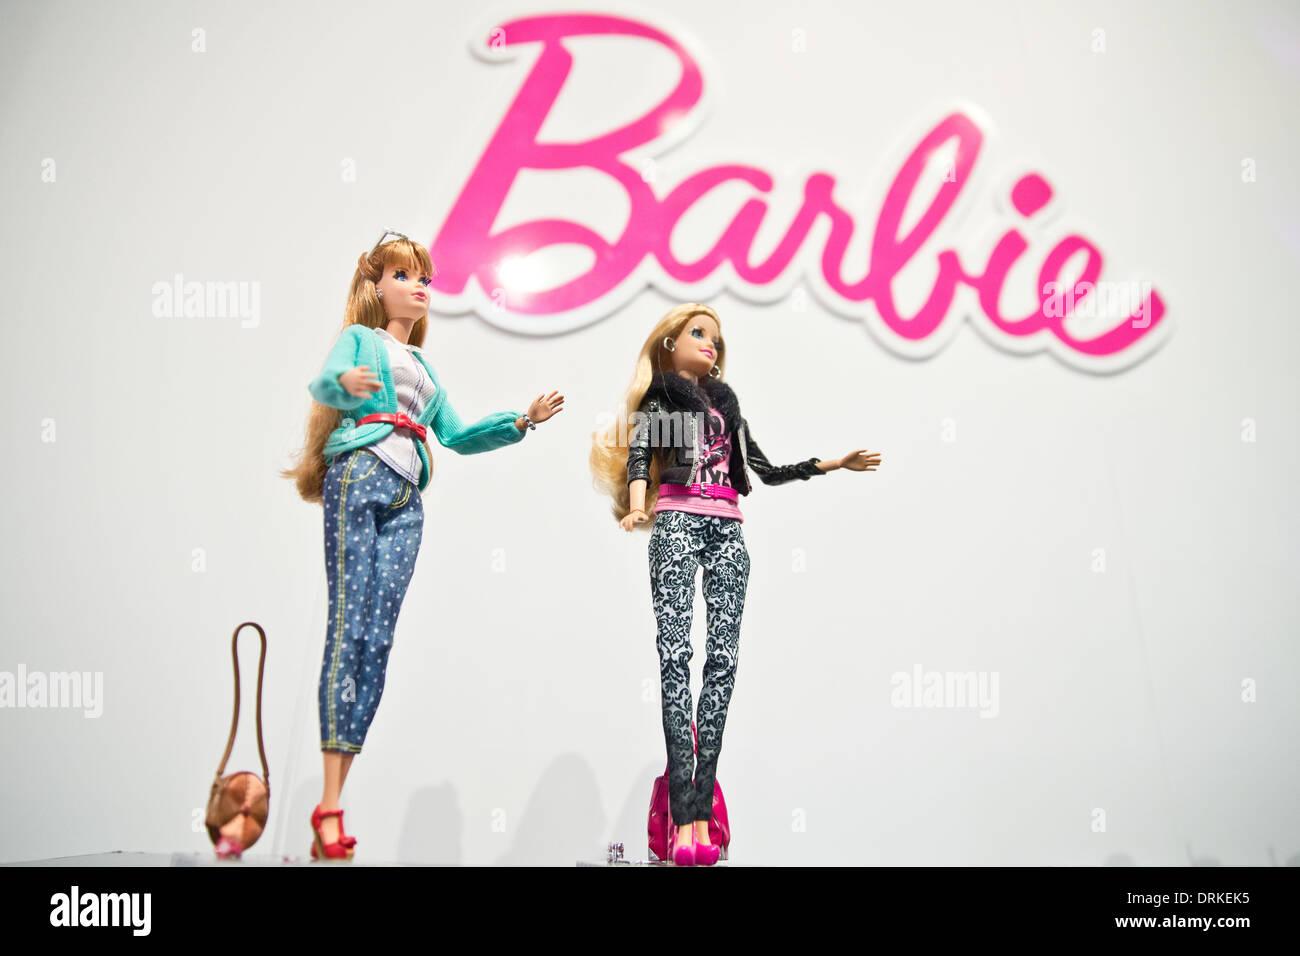 Norimberga, Germania. 28 gen 2014. Il nuovo Deluxe Fashionista Barbie è raffigurato durante le novità mostra al sessantacinquesimo Salone Internazionale di Norimberga, Germania, 28 gennaio 2014. Foto: Daniel Karmann/dpa/Alamy Live News Immagini Stock